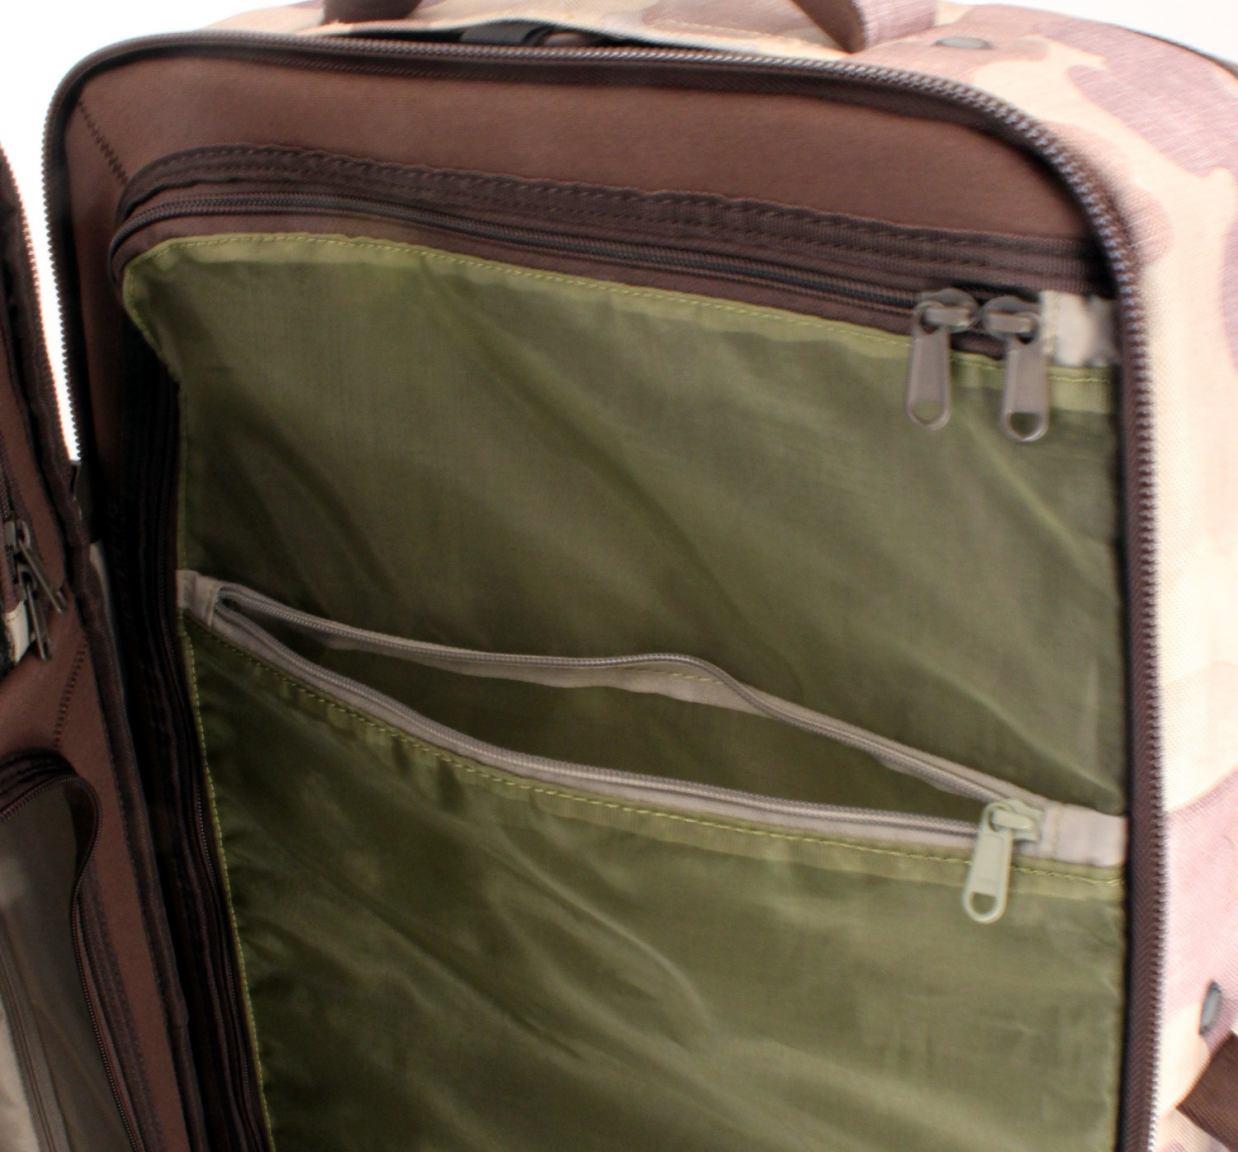 Burton Reisekoffer Wheelie Double Deck XL dunkelbraun gewachst